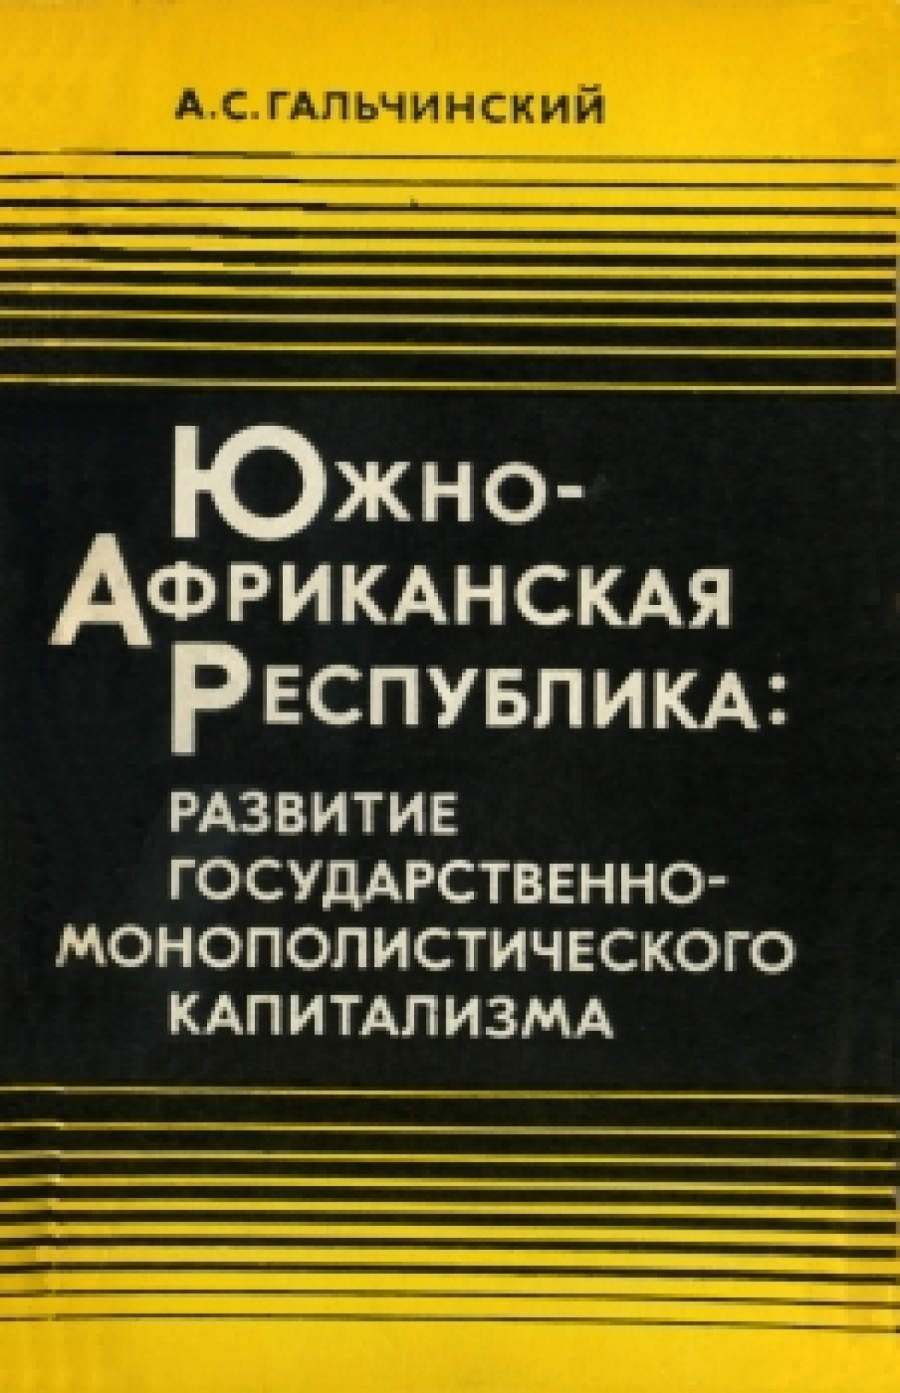 Обложка книги:  гальчинский а. с. - южно-африканская республика. развитие государственно-монополистического капитализма